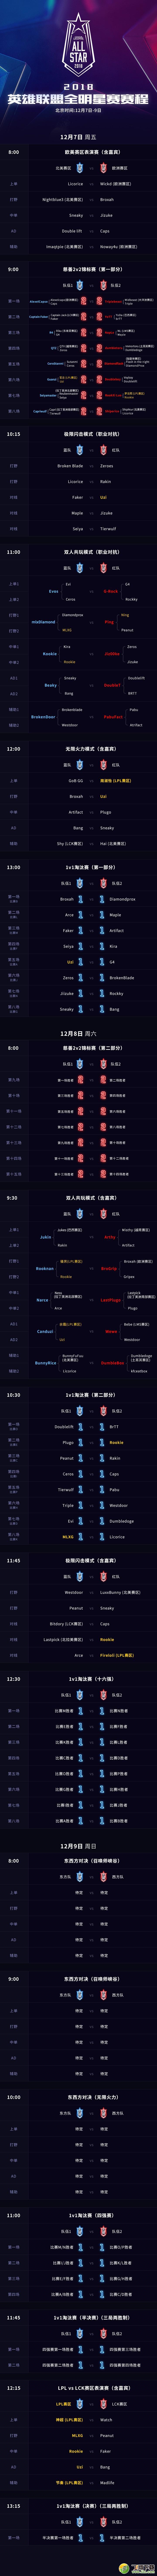 英雄联盟S8全明星赛赛程表及参赛名单_52z.com